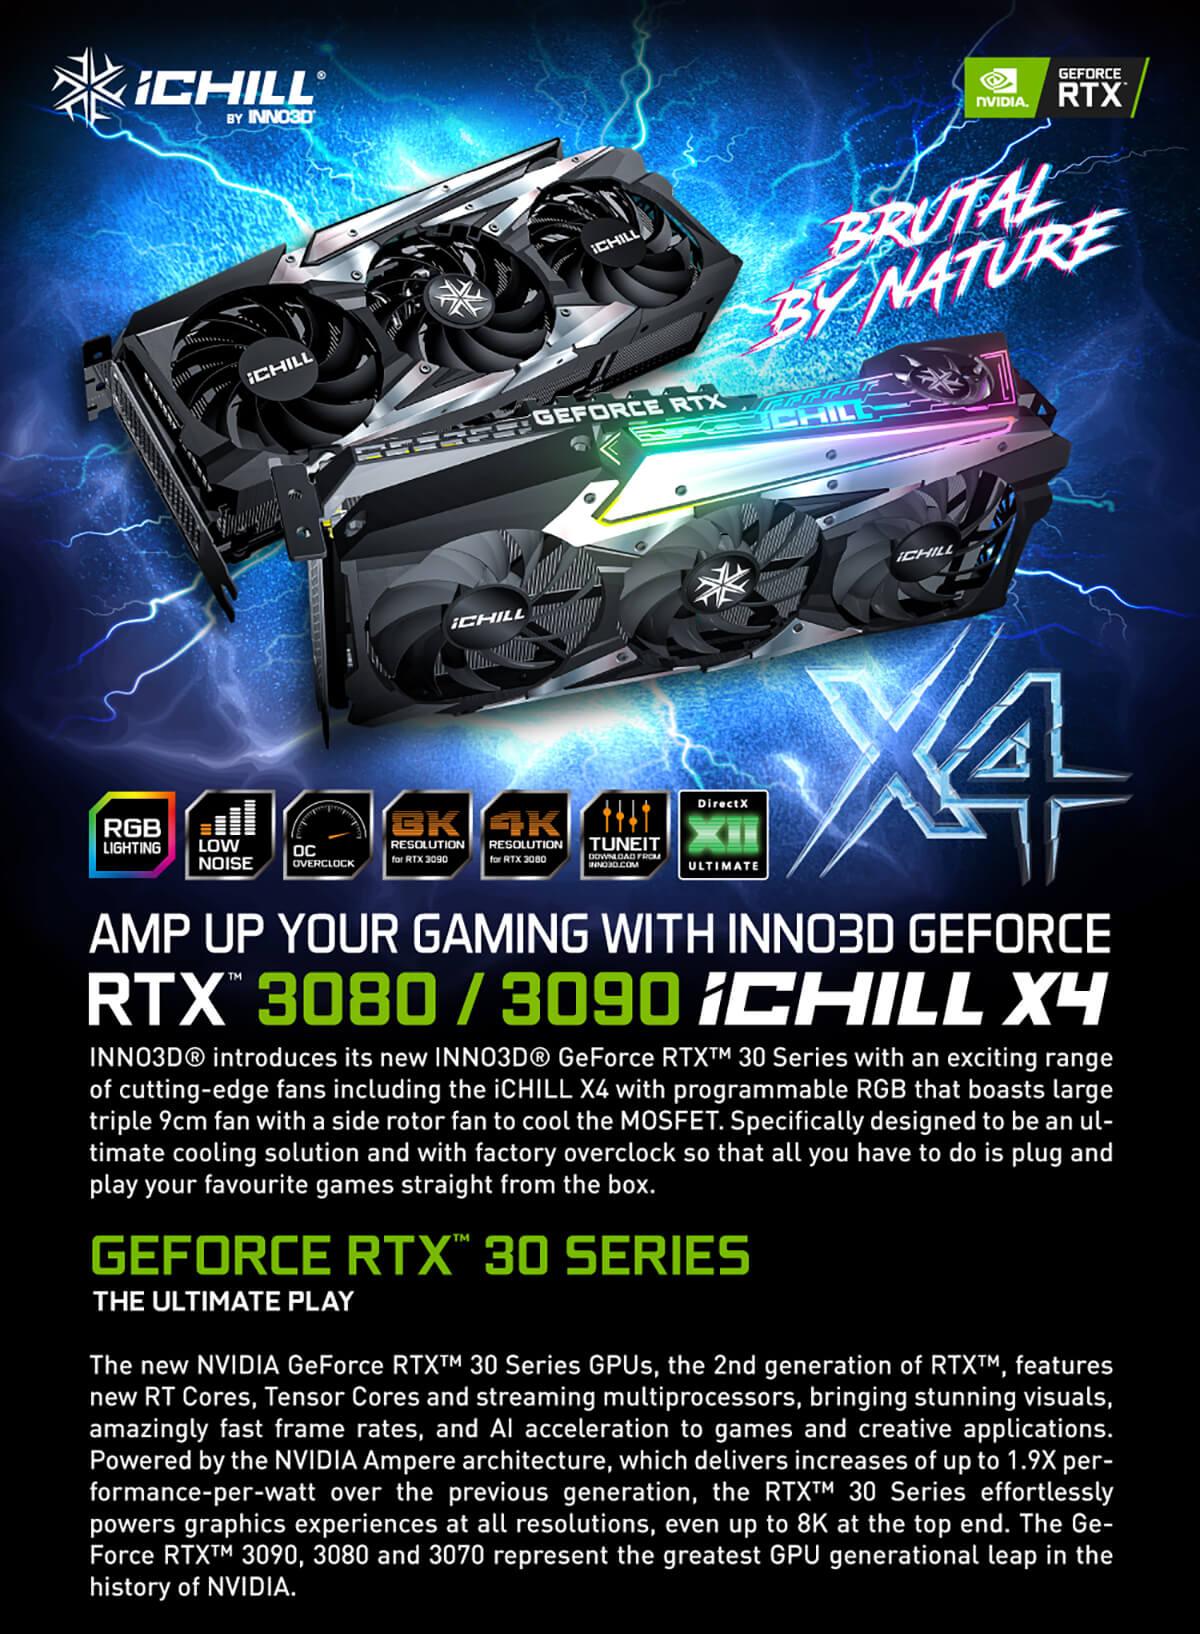 Inno3d Geforce Rtx 3080 Ichill X4 10gb Gddr6x Features